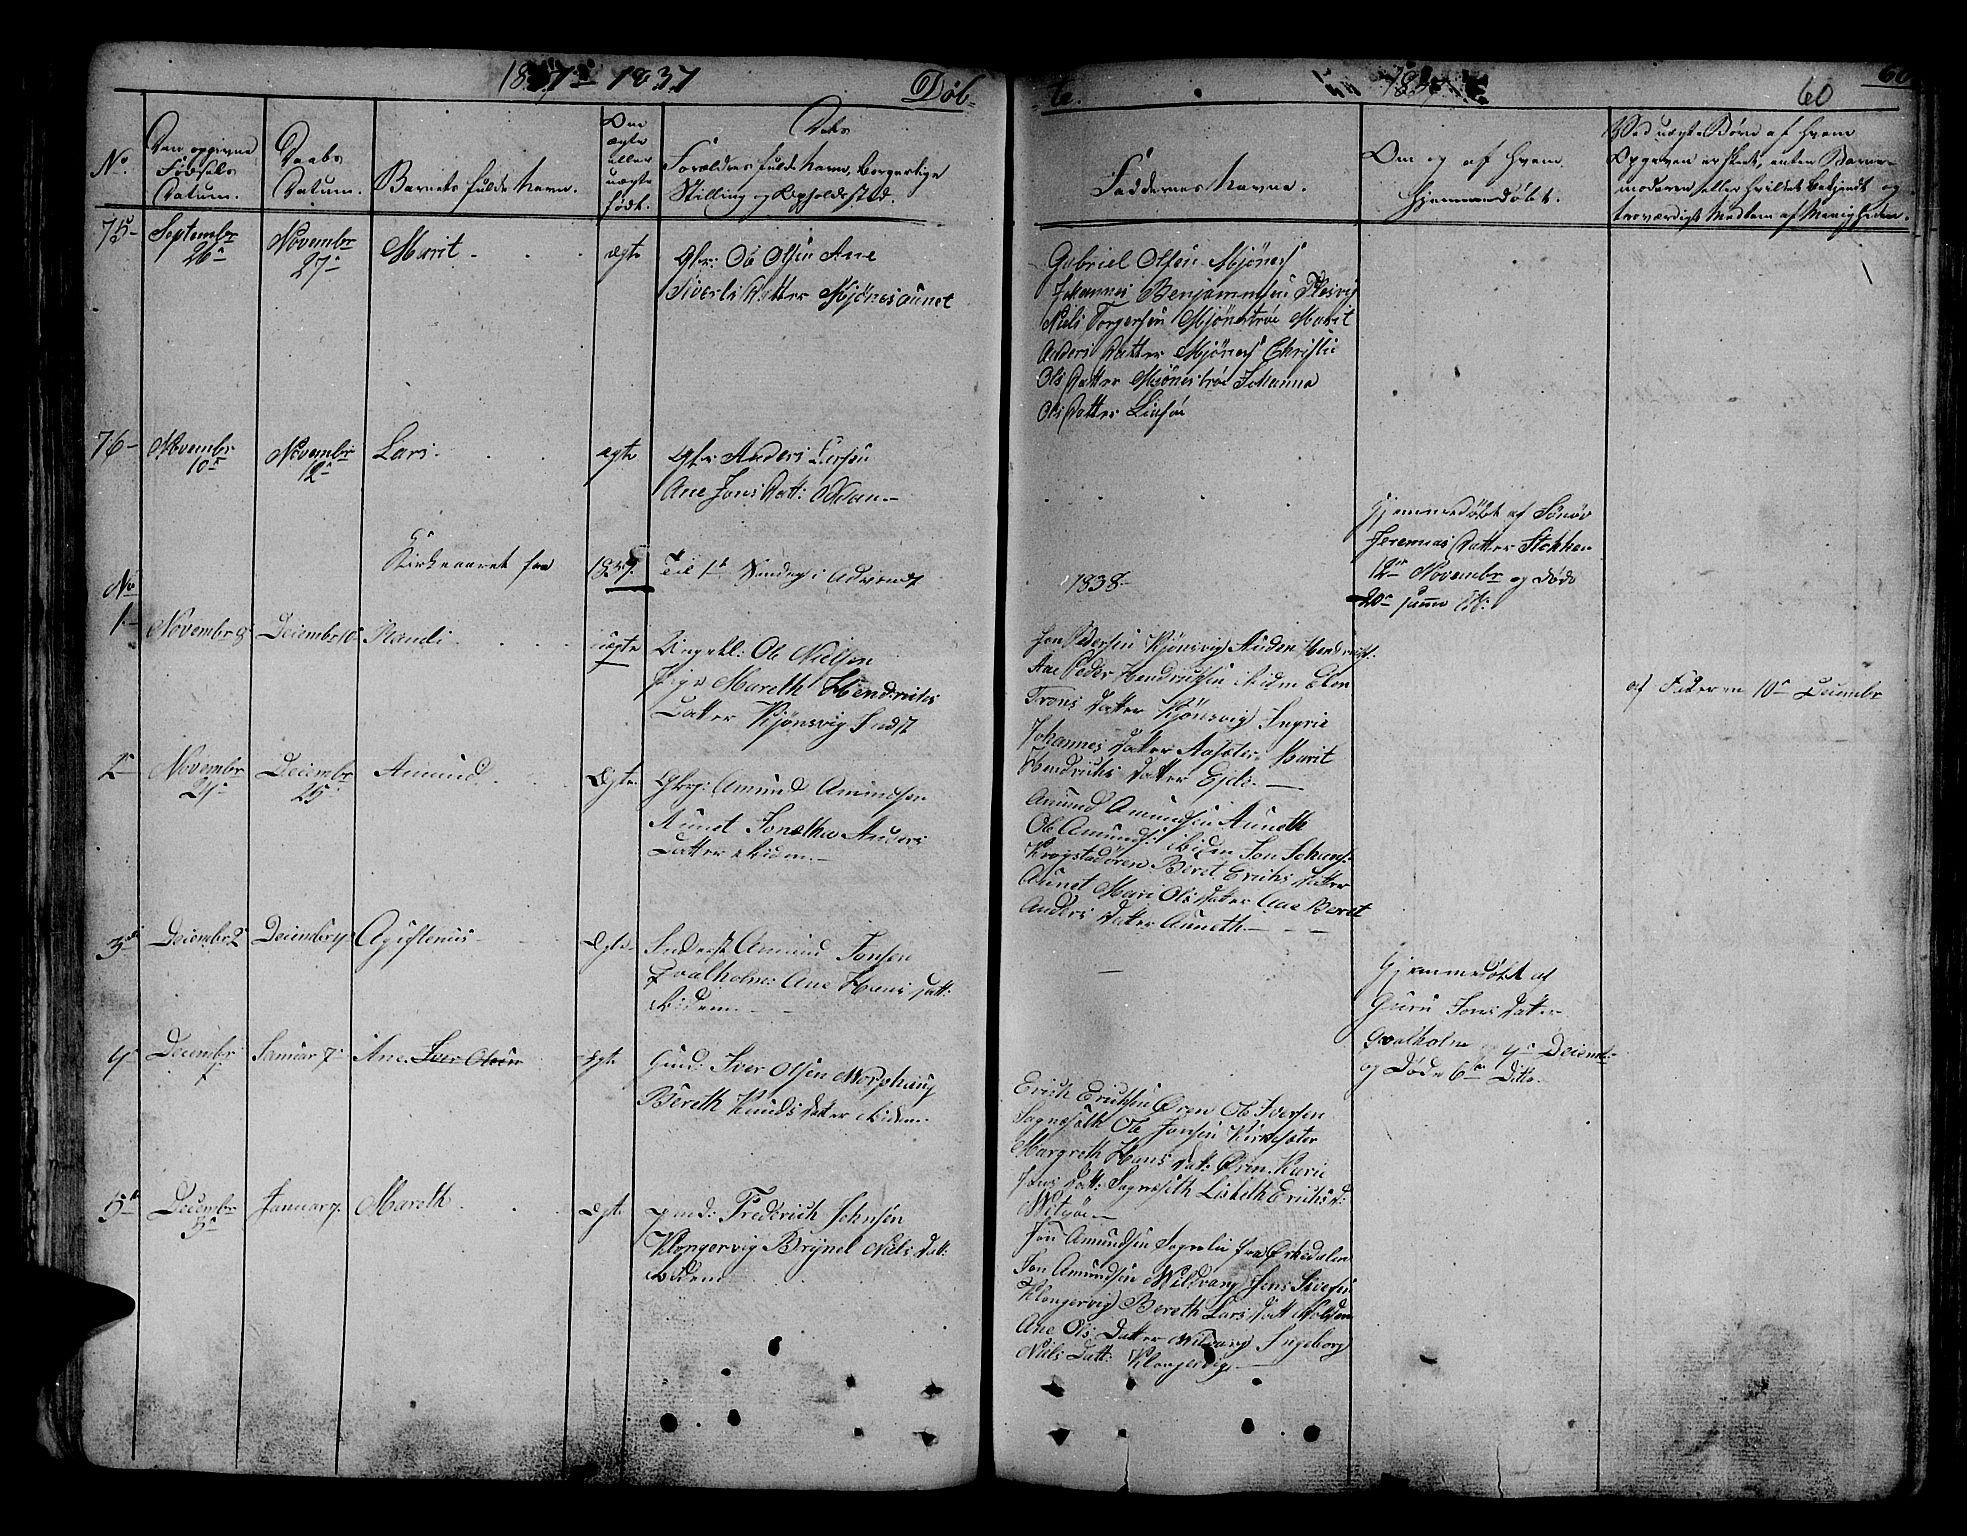 SAT, Ministerialprotokoller, klokkerbøker og fødselsregistre - Sør-Trøndelag, 630/L0492: Ministerialbok nr. 630A05, 1830-1840, s. 60